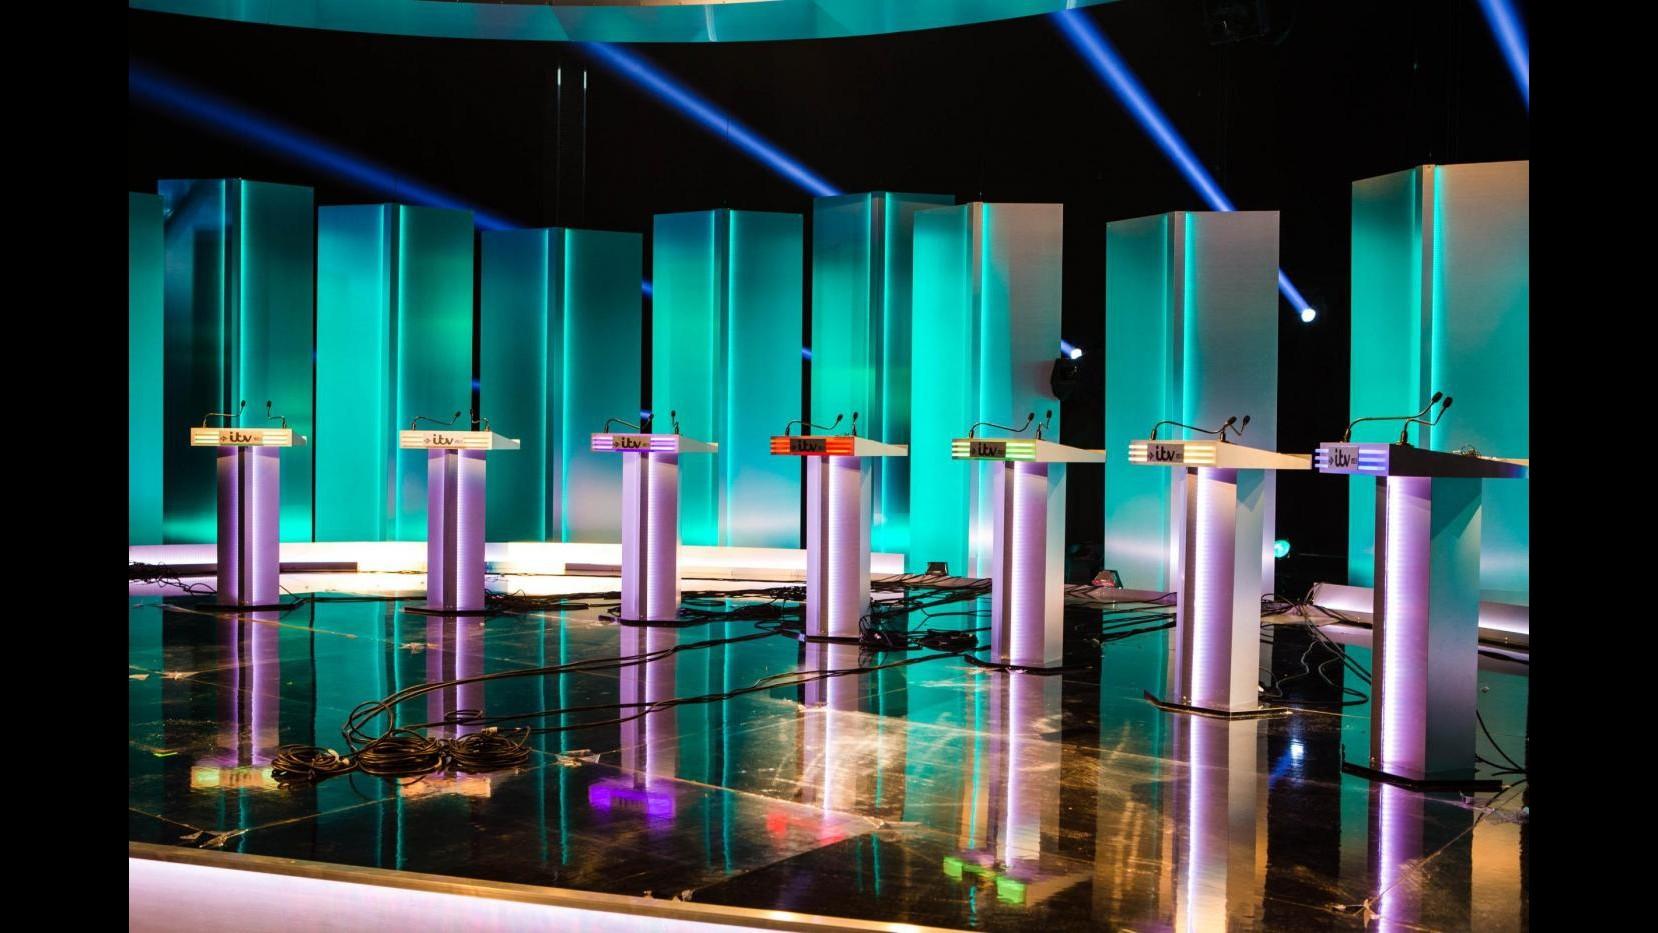 Regno Unito, stasera dibattito tv: Cameron sfida Miliband e altri 5 leader